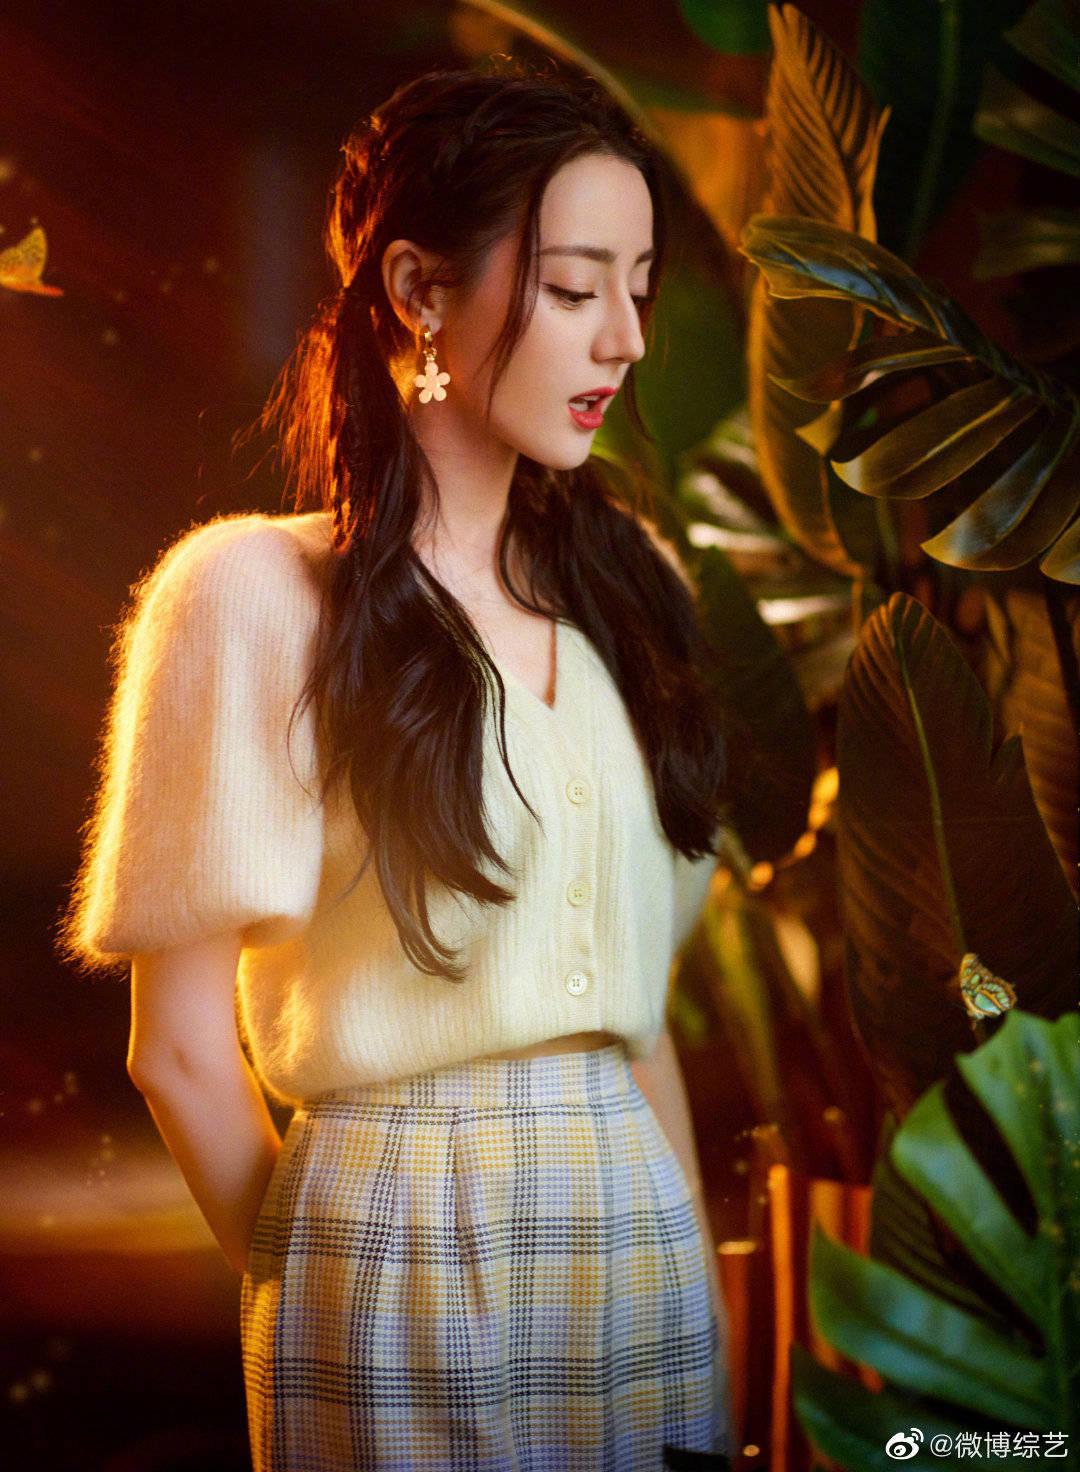 Nhiệt Ba chọn style đậm chất nữ sinh ngọt ngào với kiểu tóc buộc hai bên, chân váy ngắn kẻ caro.